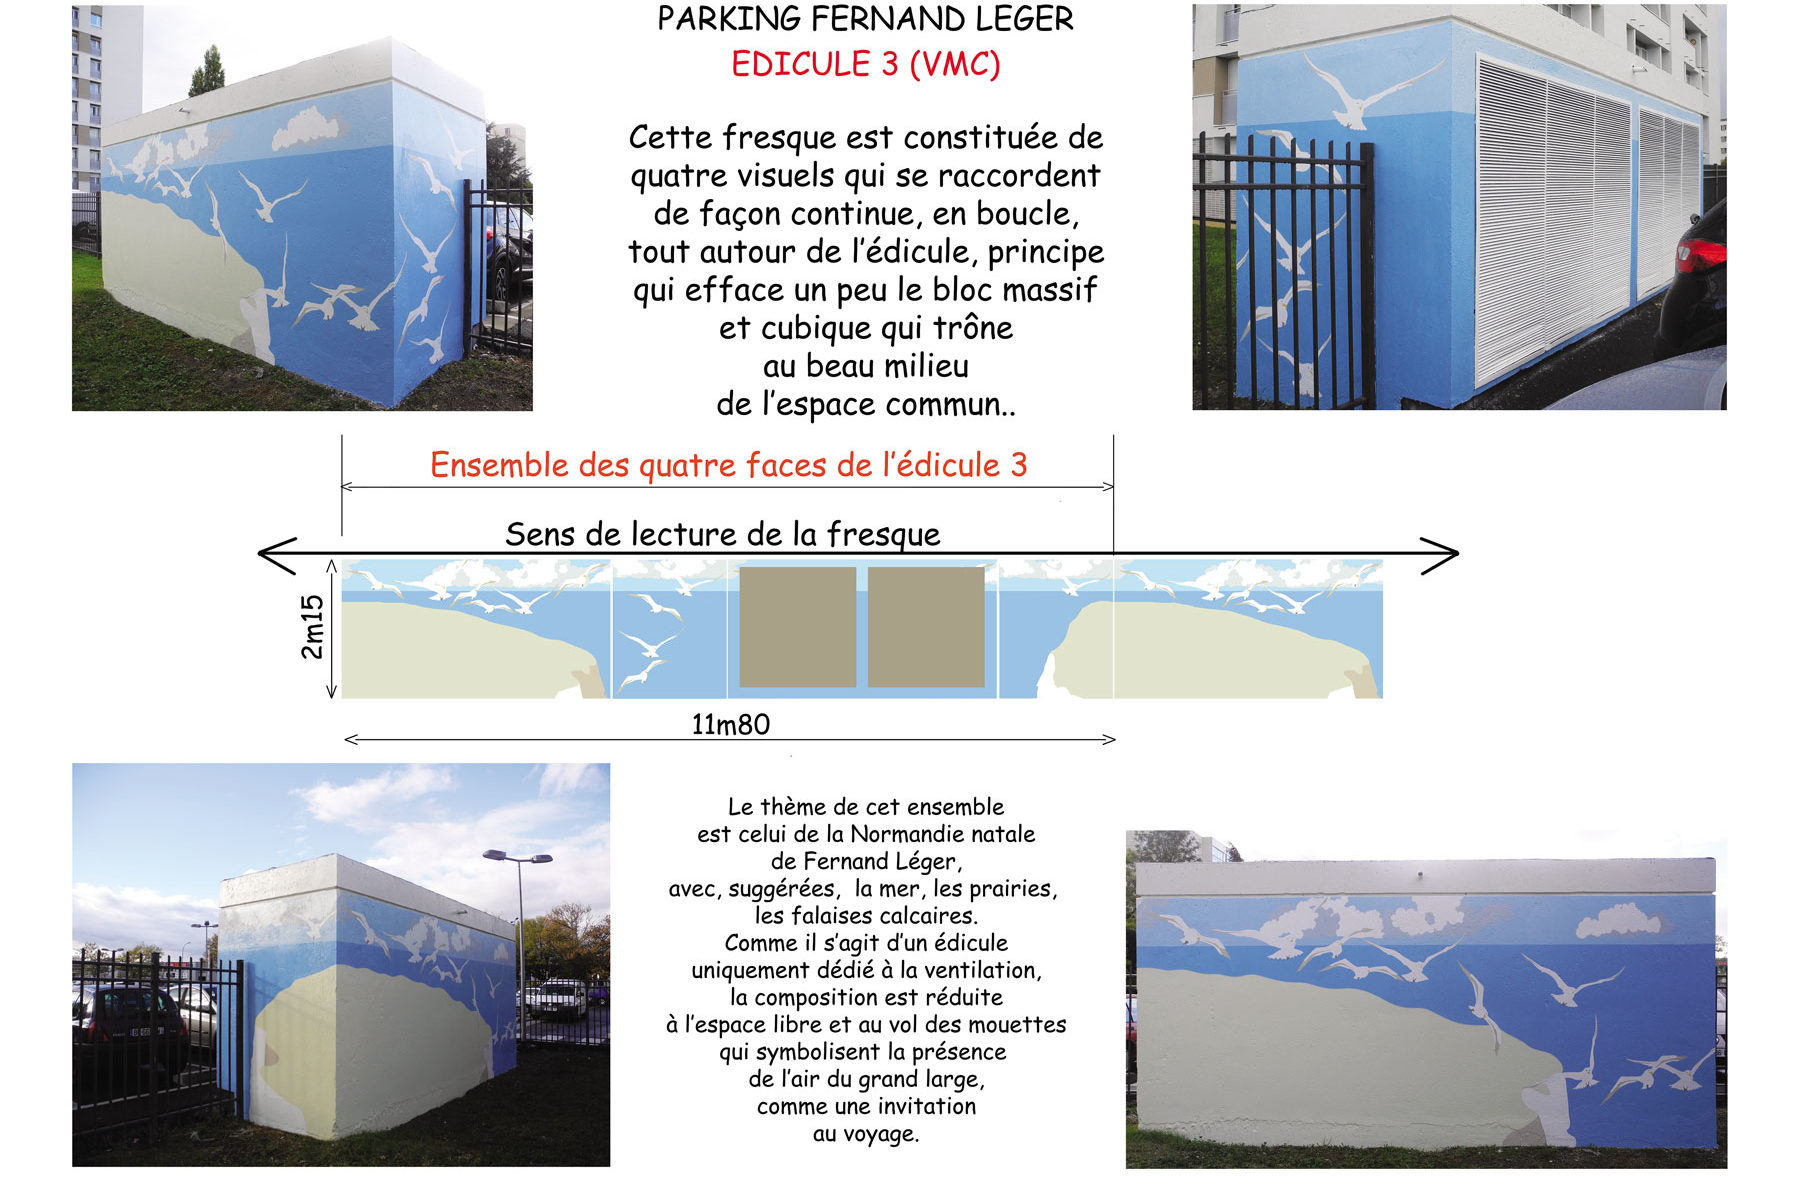 FL-EDICULE-3-VMC